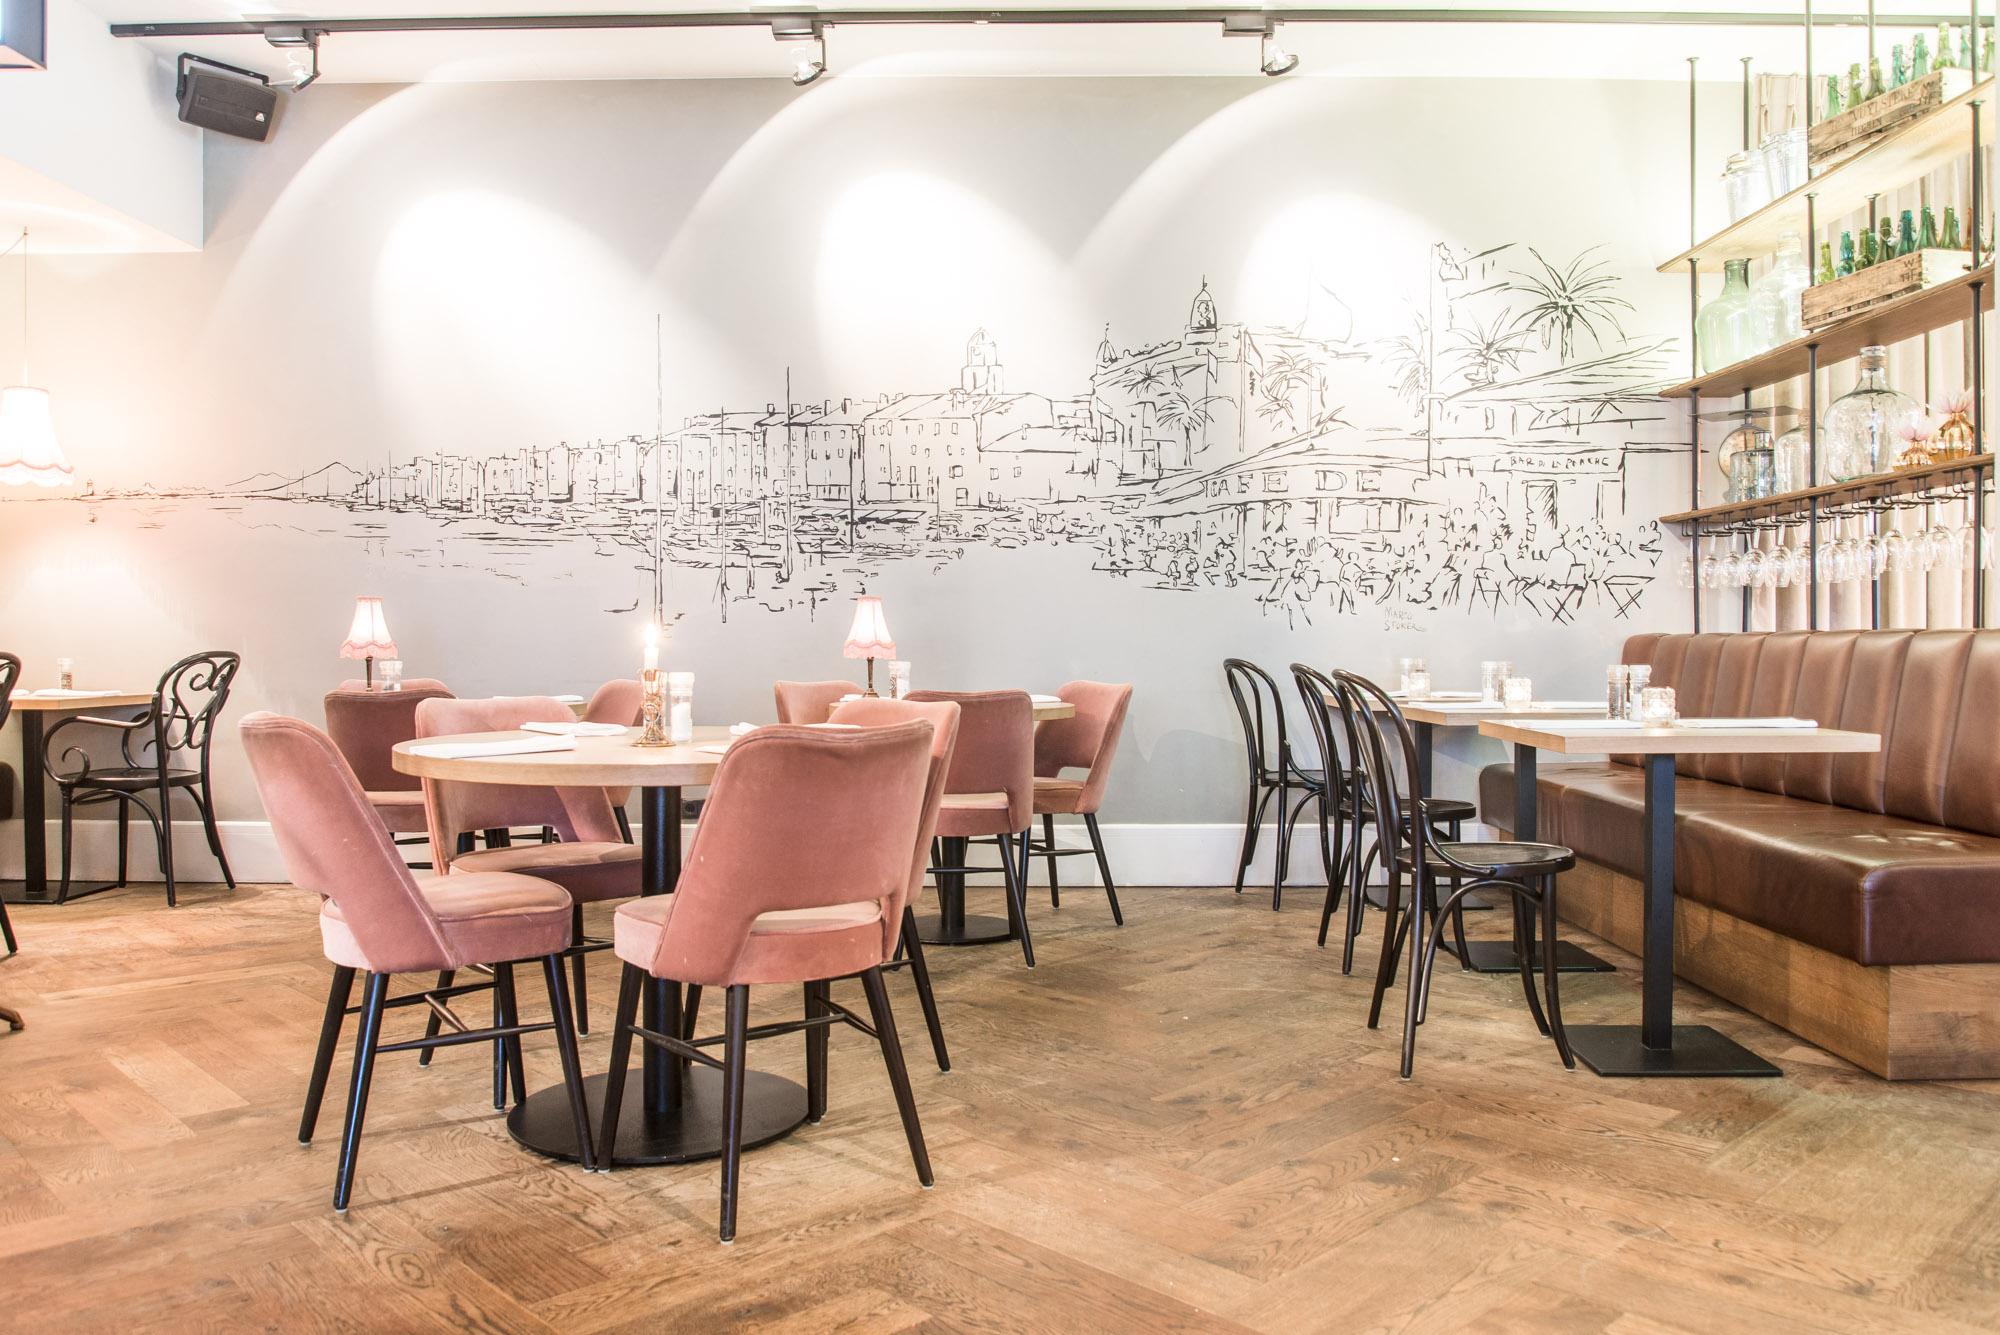 hotspots breda leuke restaurants bardot